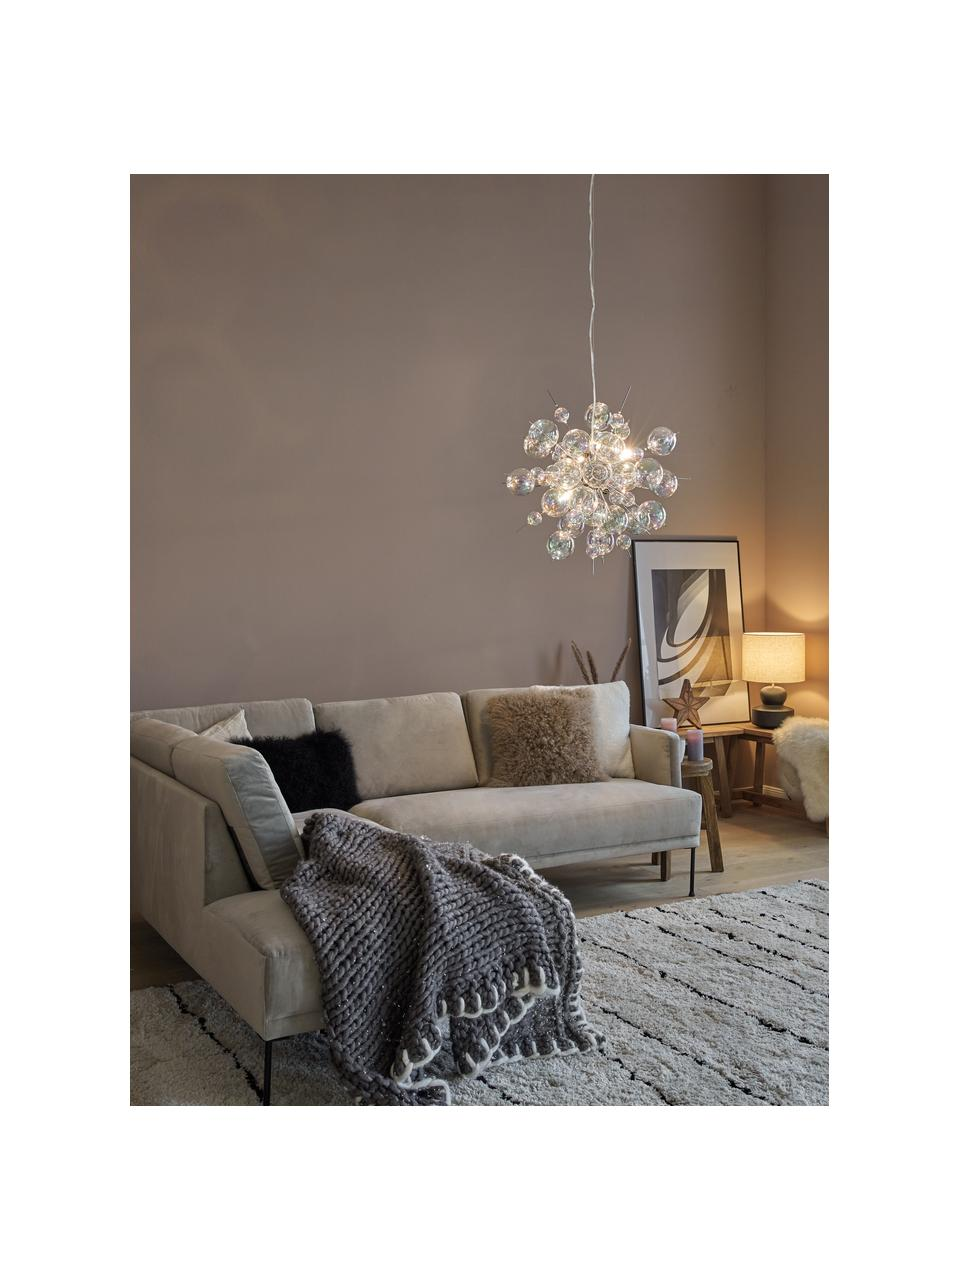 Grote hanglamp Explosion van glazen bollen, Baldakijn: verchroomd metaal, Chroomkleurig, transparant, iriserend, Ø 65 cm